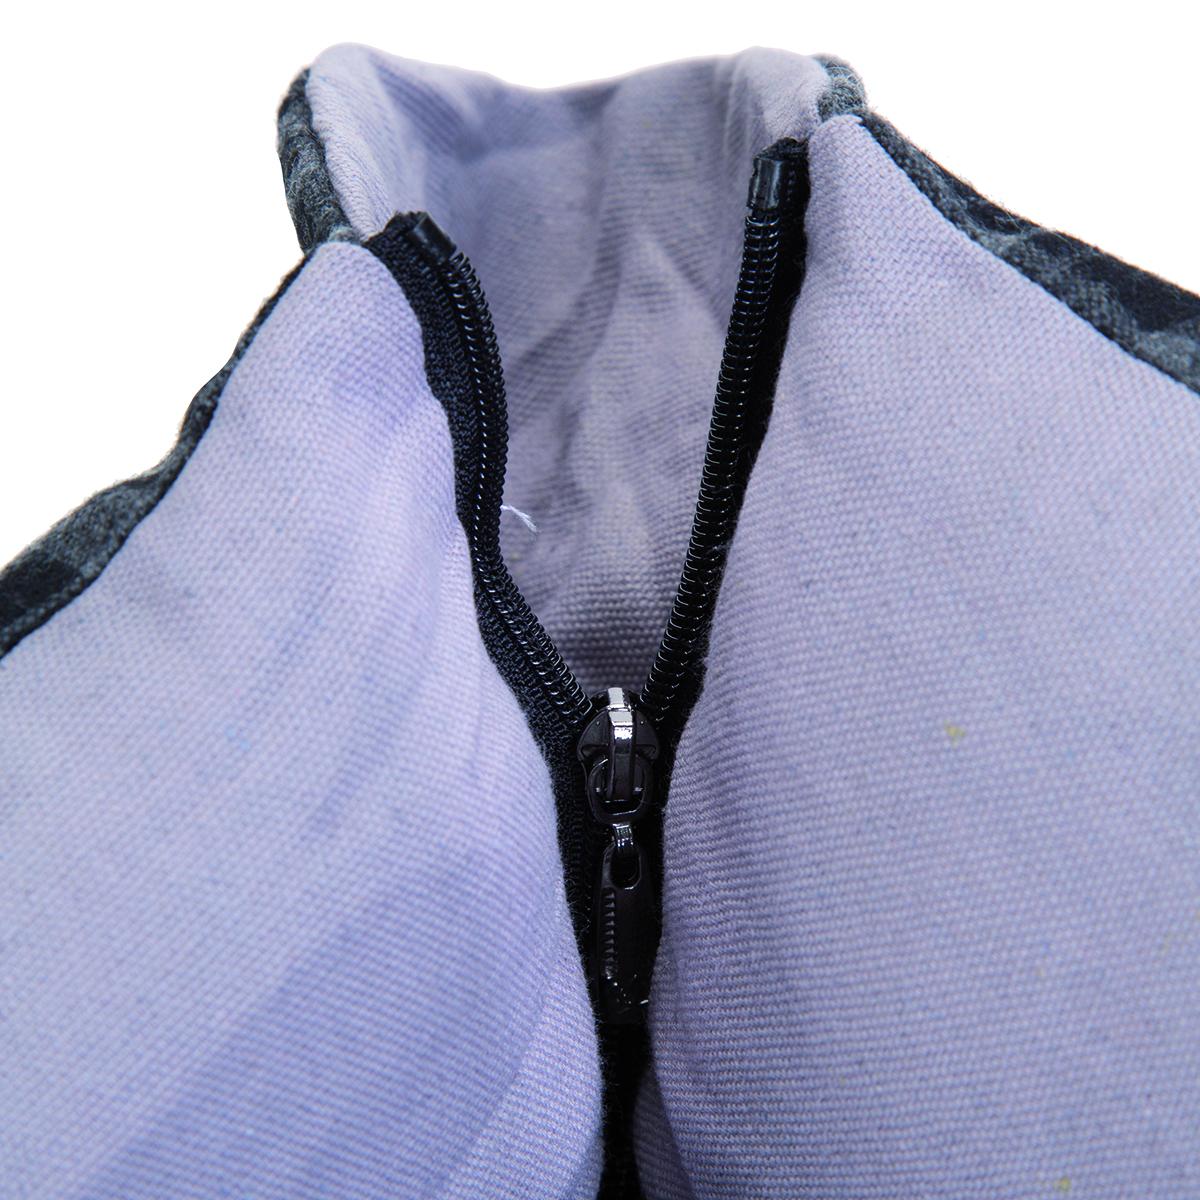 Panier style écossais gris avec fermeture éclair aux angles et coussin amovible 4